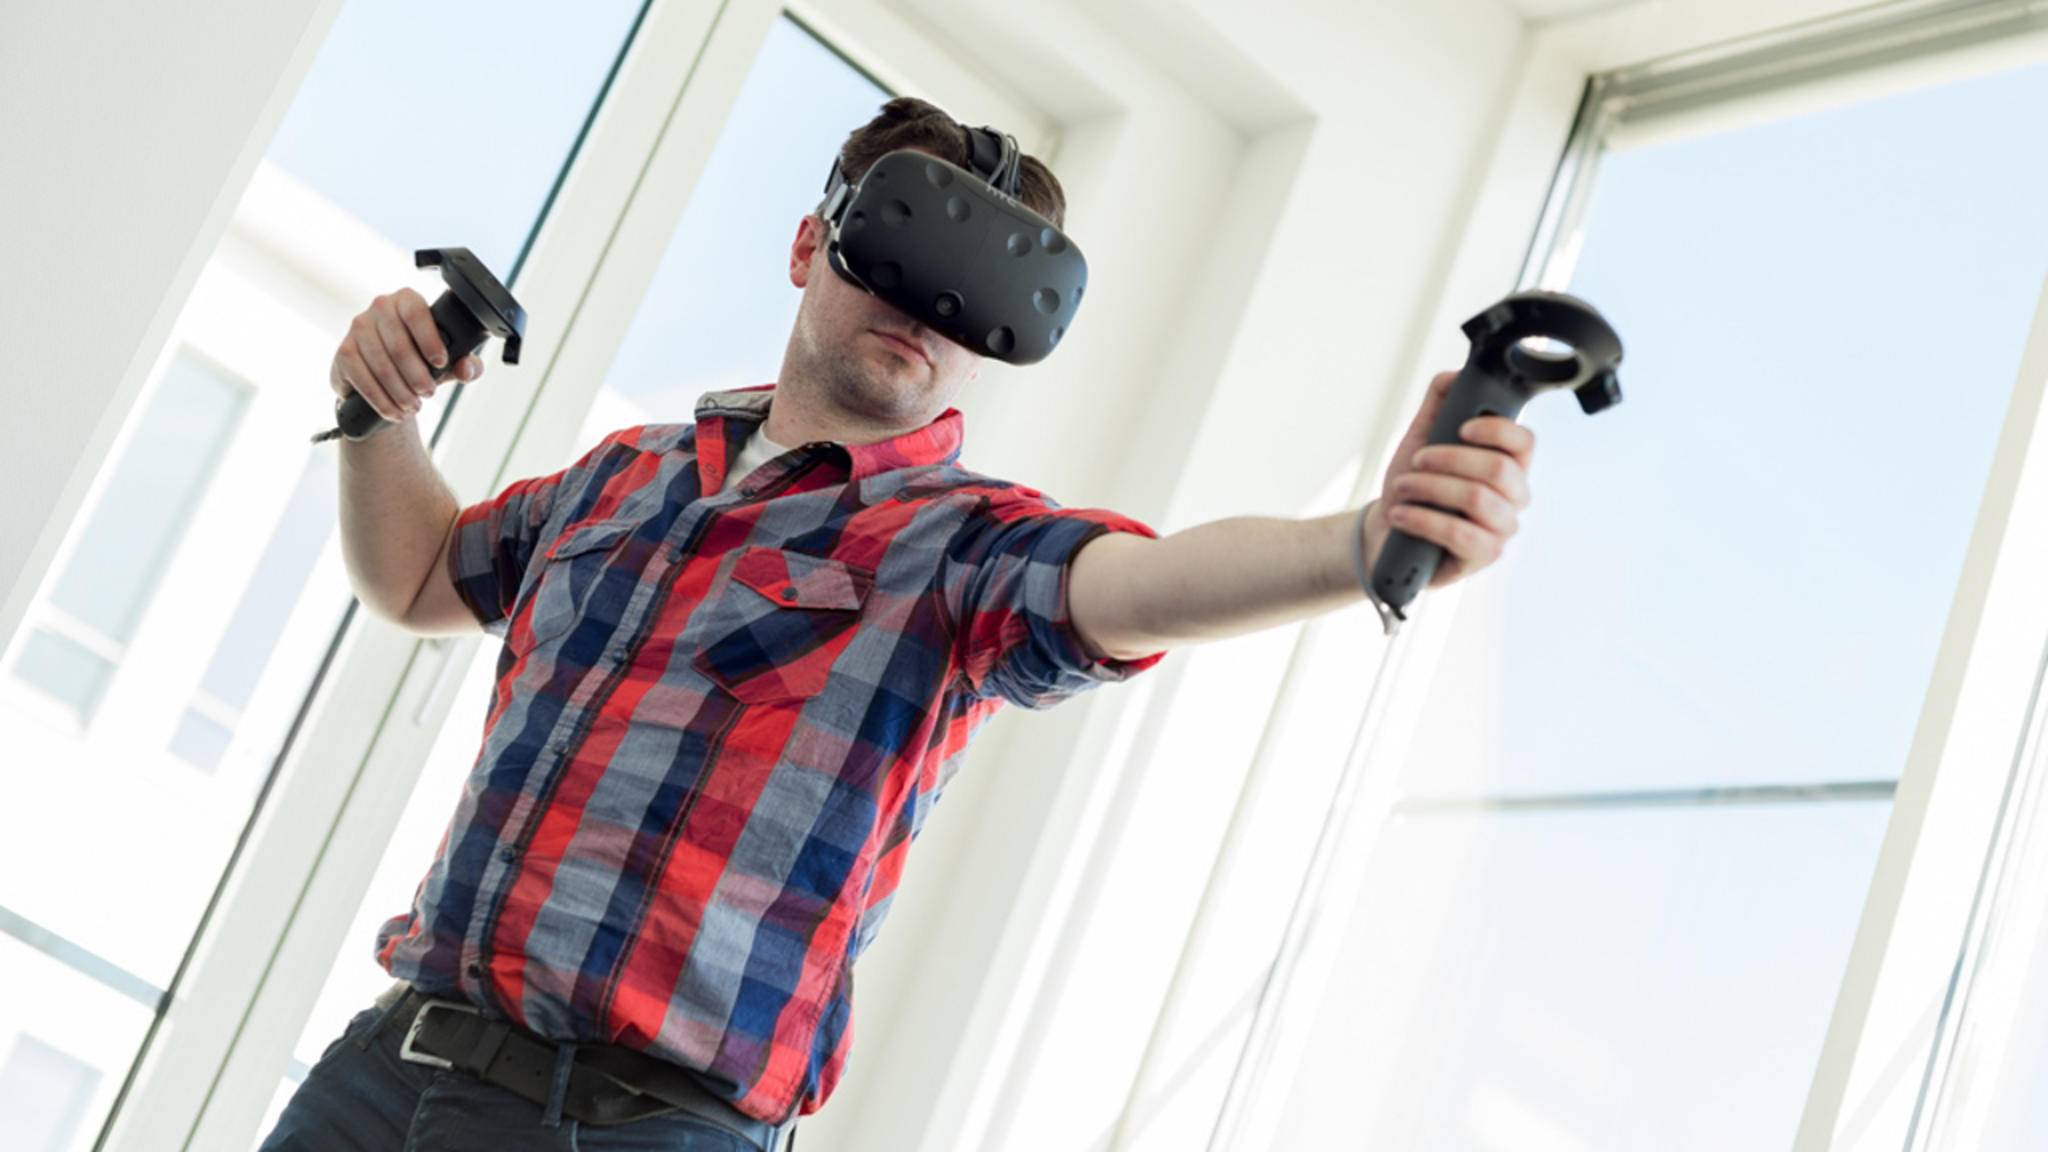 Virtual-Reality-Brillen haben das Potenzial der Technik noch nicht offenbart.